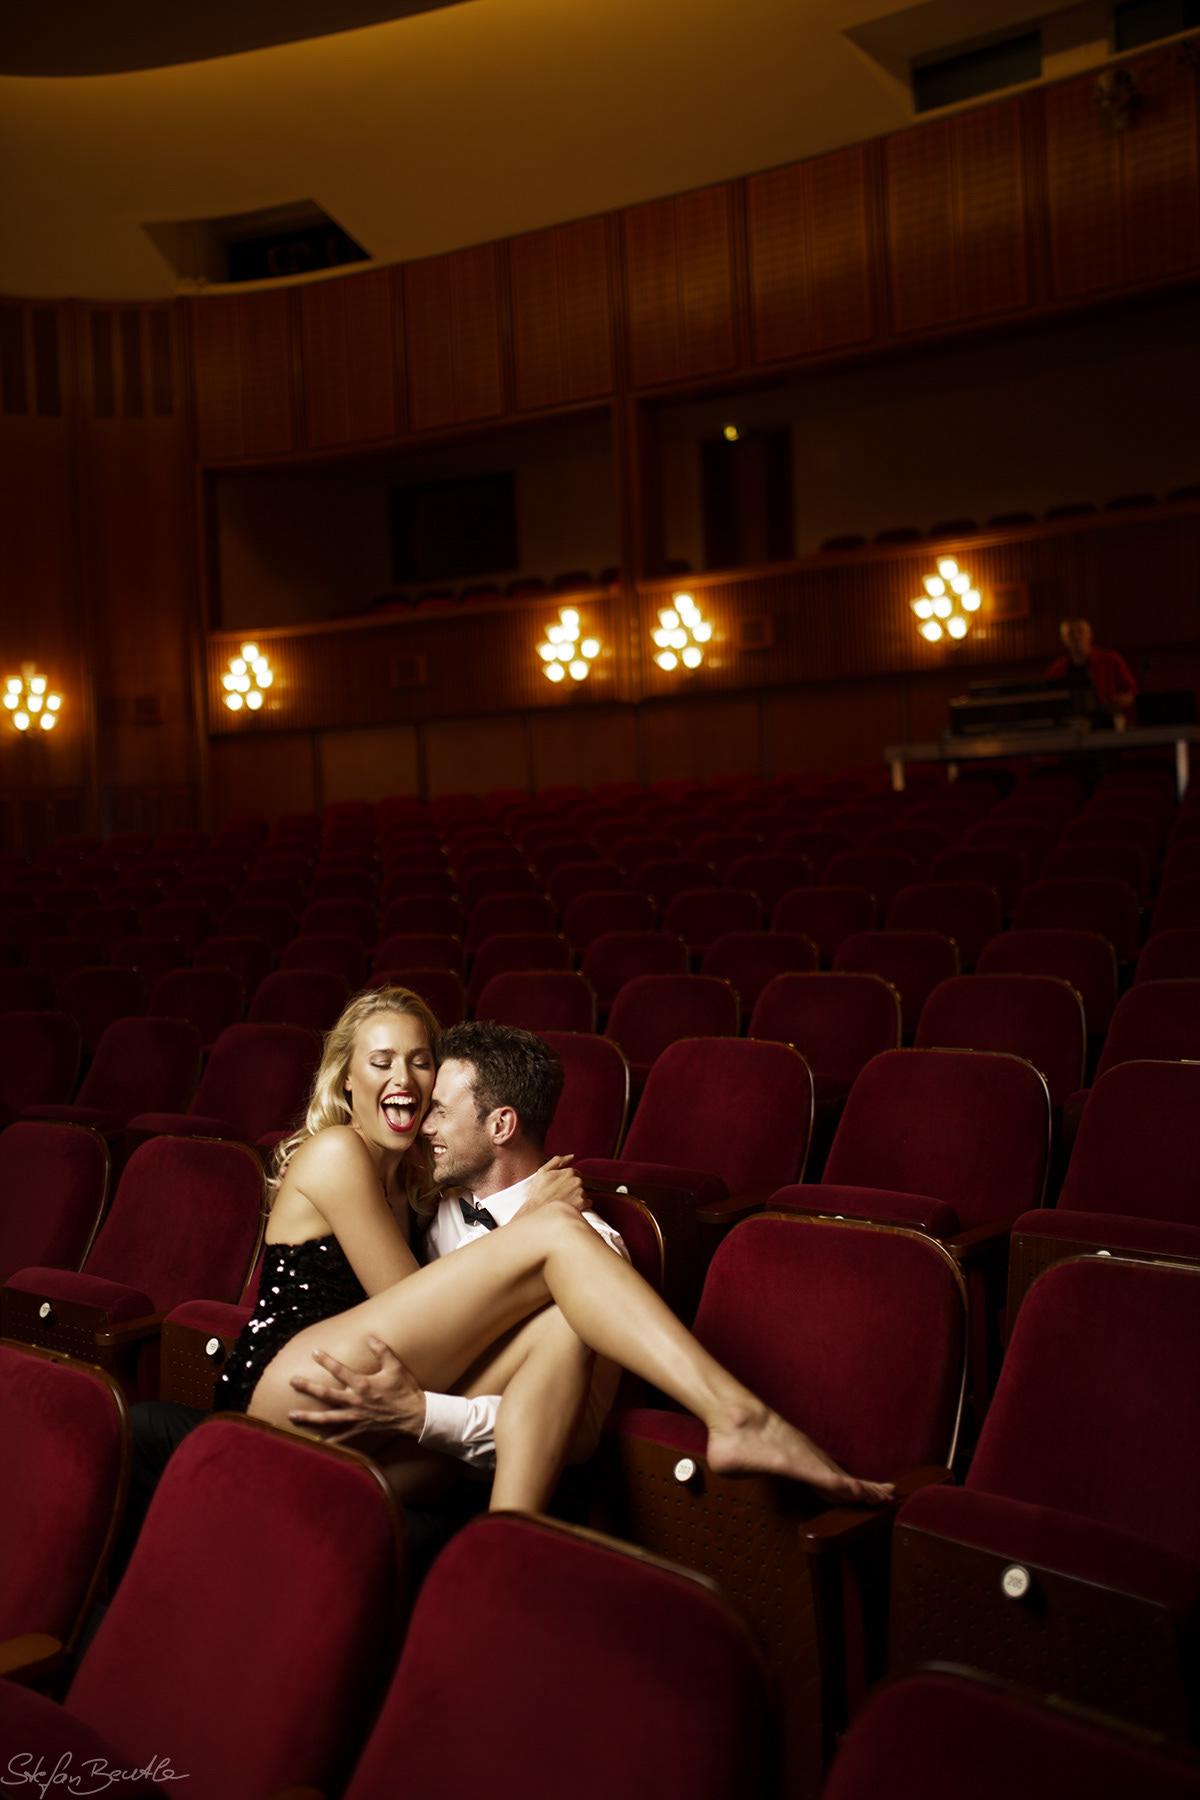 Theater Remscheid / фотограф Stefan Beutler